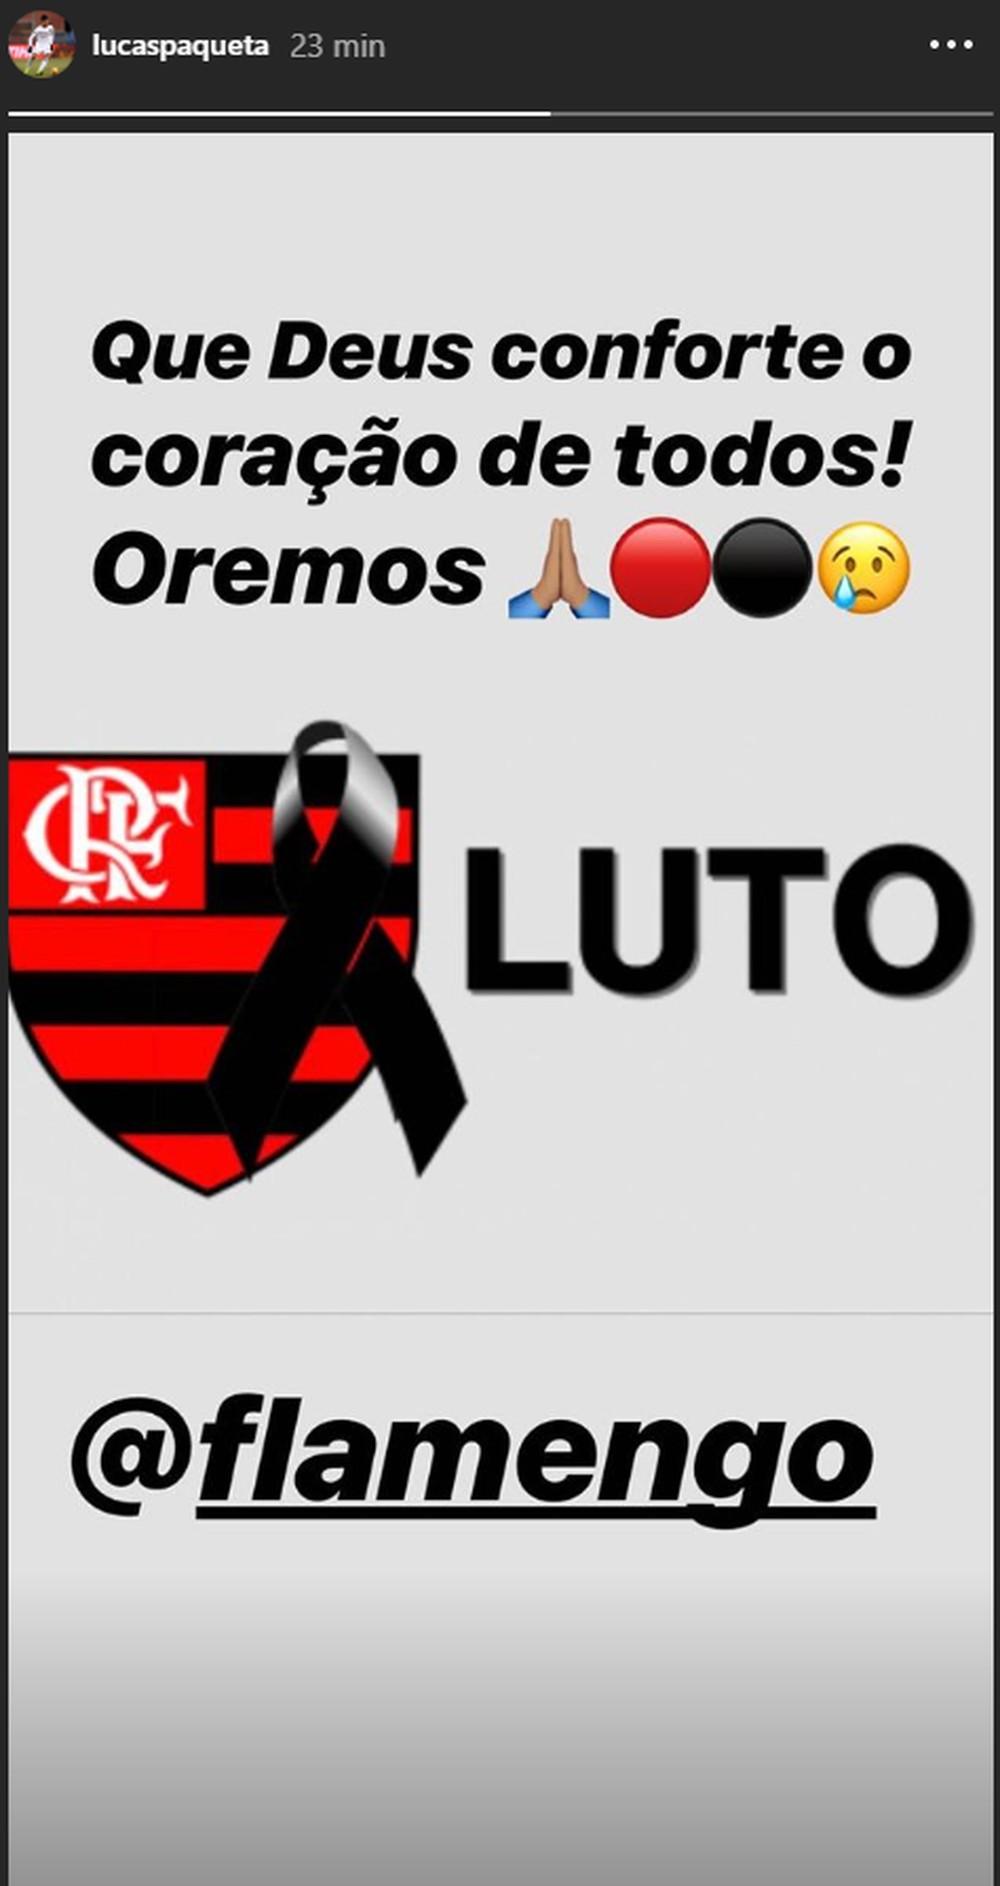 Crias do Flamengo, Vinicius Junior e Lucas Paquetá lamentam tragédia - Imagem 1